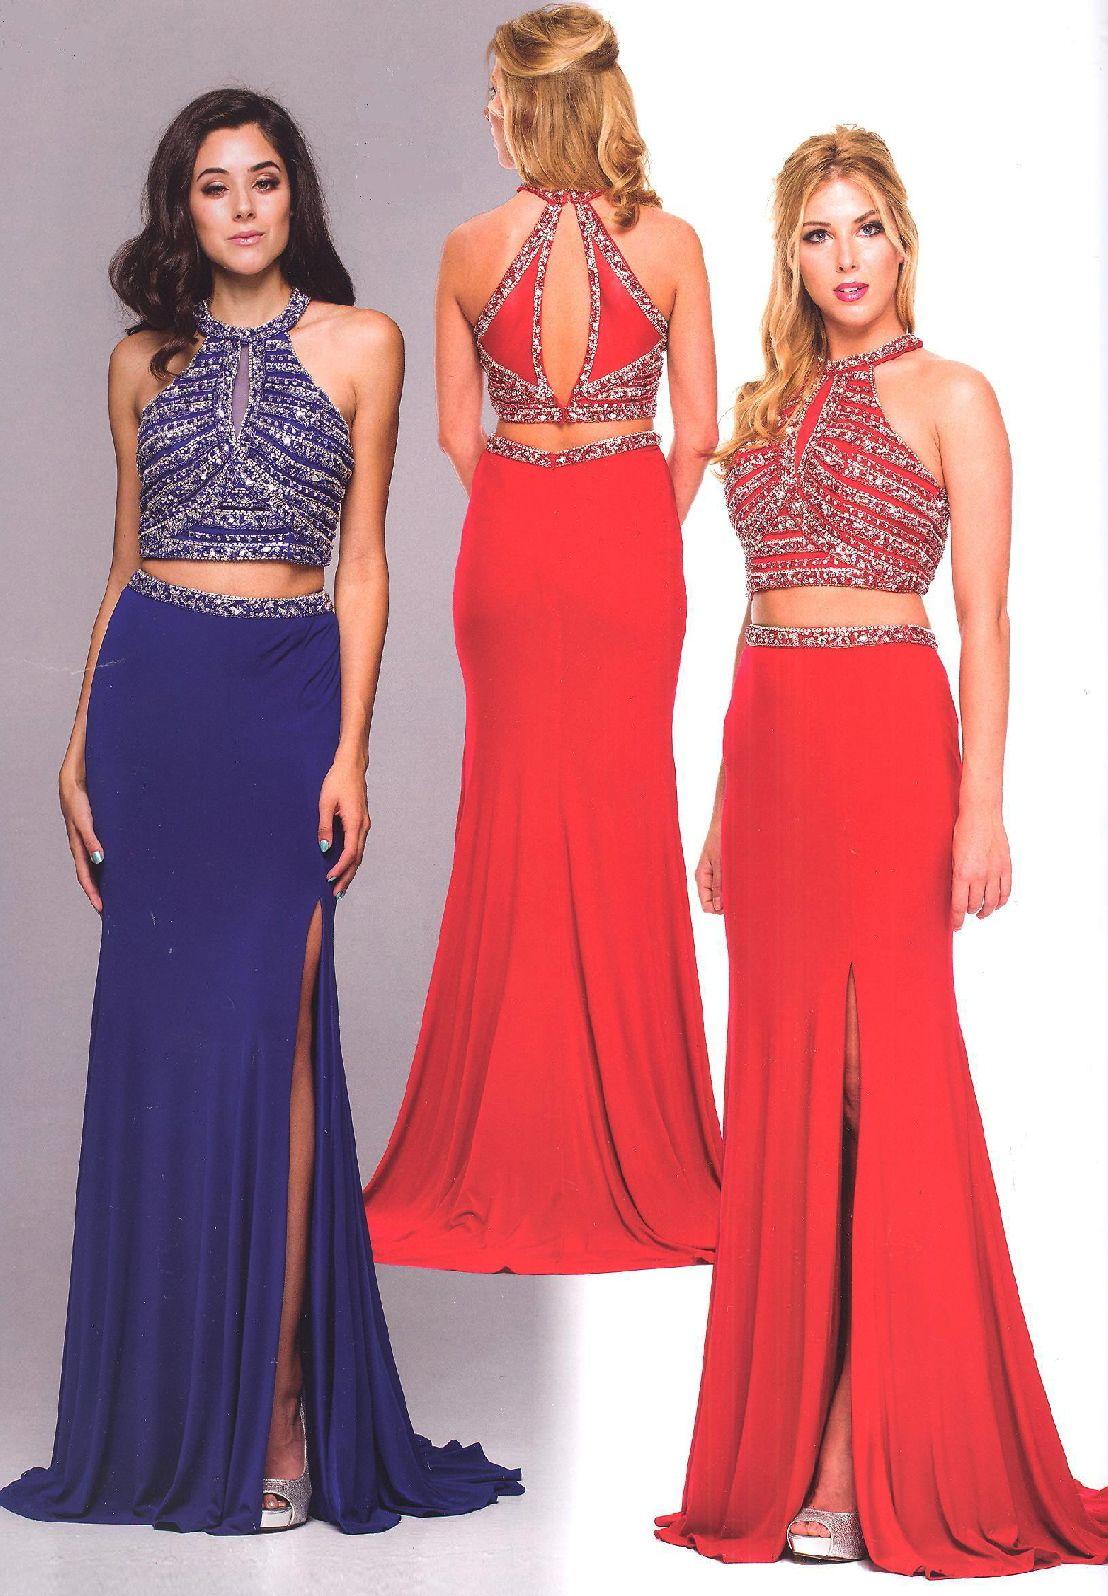 Evening dresses prom dressesucbrueucbruejewel neckline two piece